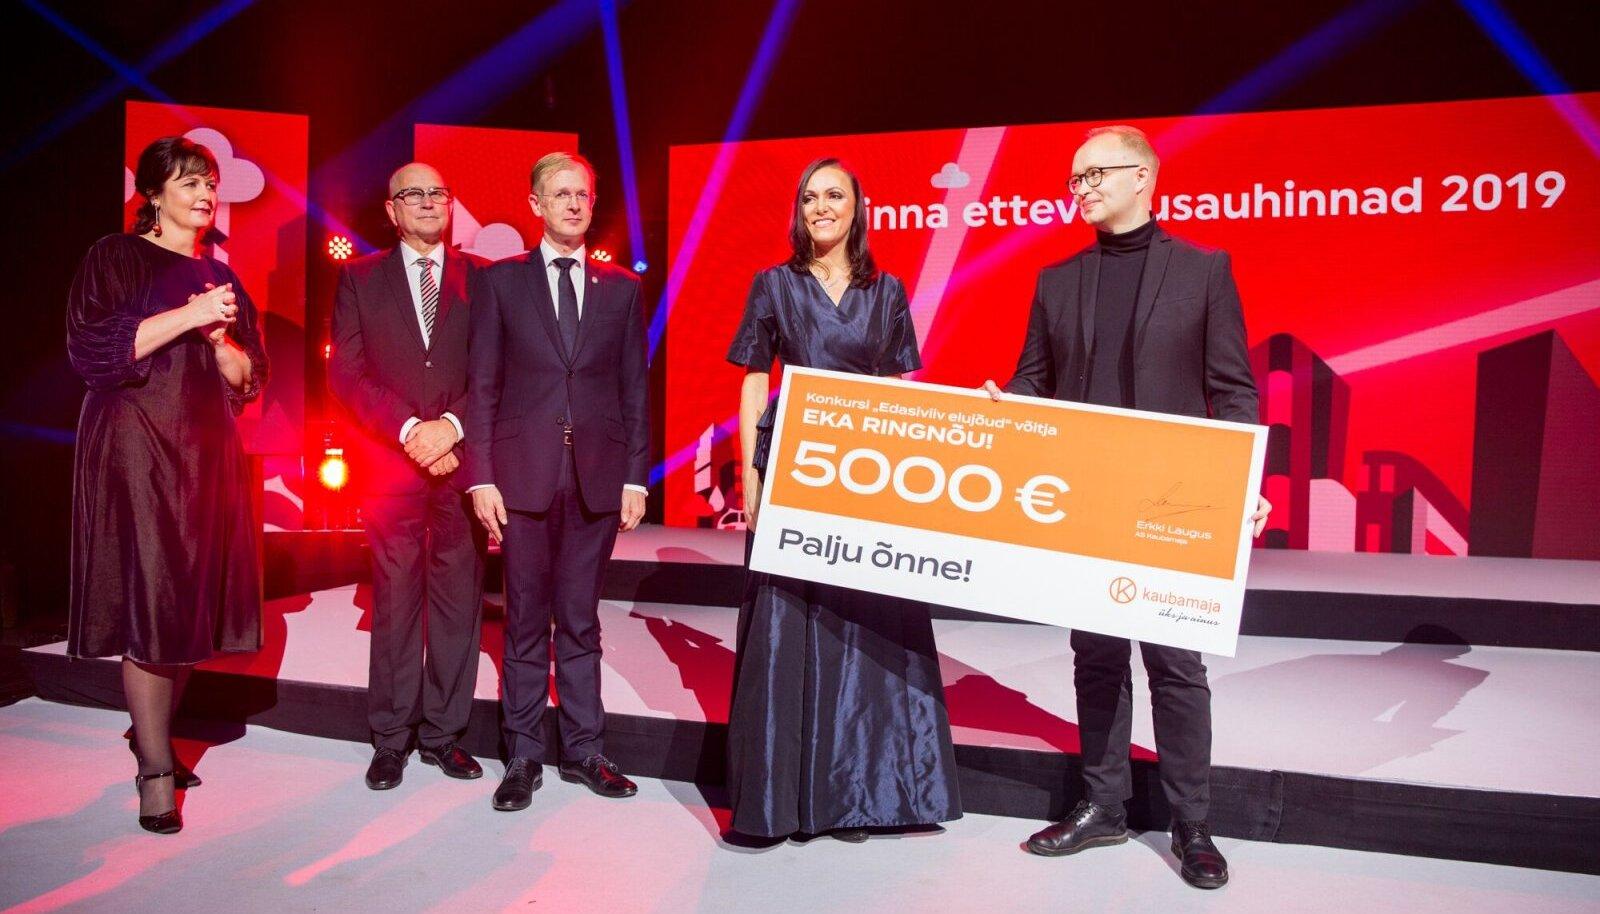 Tallinna kile ja plastiku taaskasutamise konkursi Edasiviiv elujõud eripreemia 5000 eurot võitis Eesti Kunstiakadeemia ideekavand RINGNÕU.